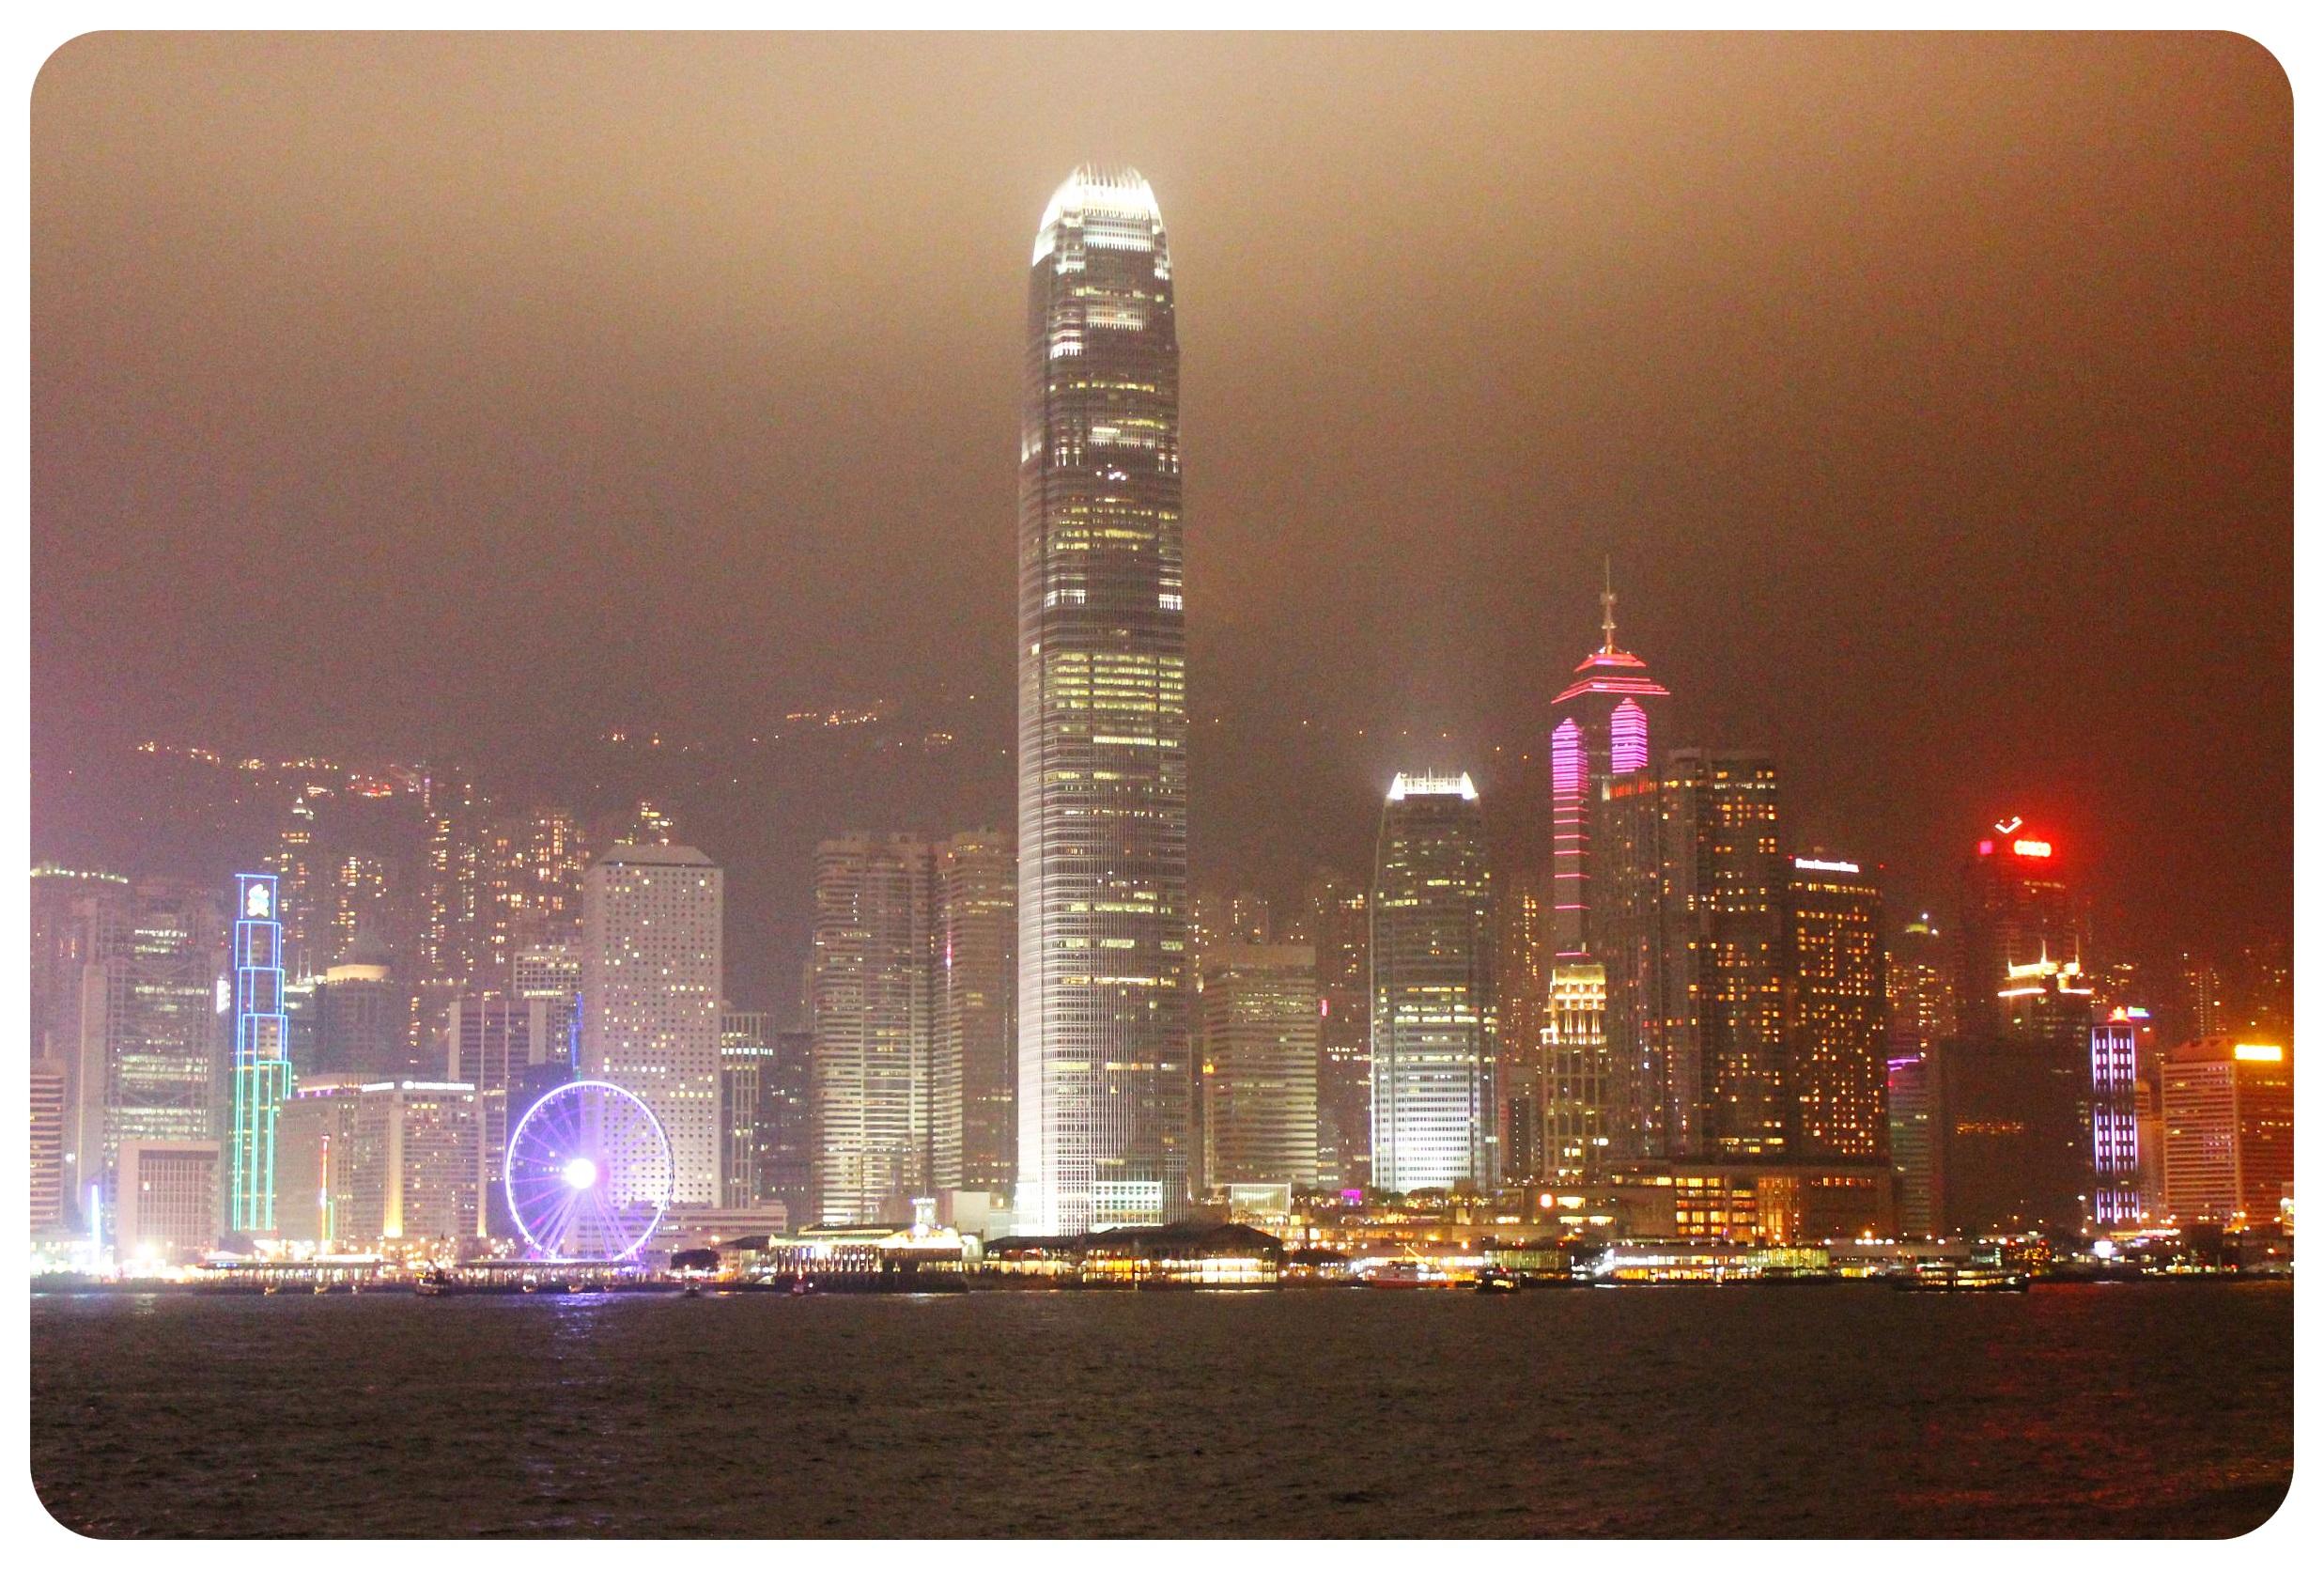 hong kong harbour view at night